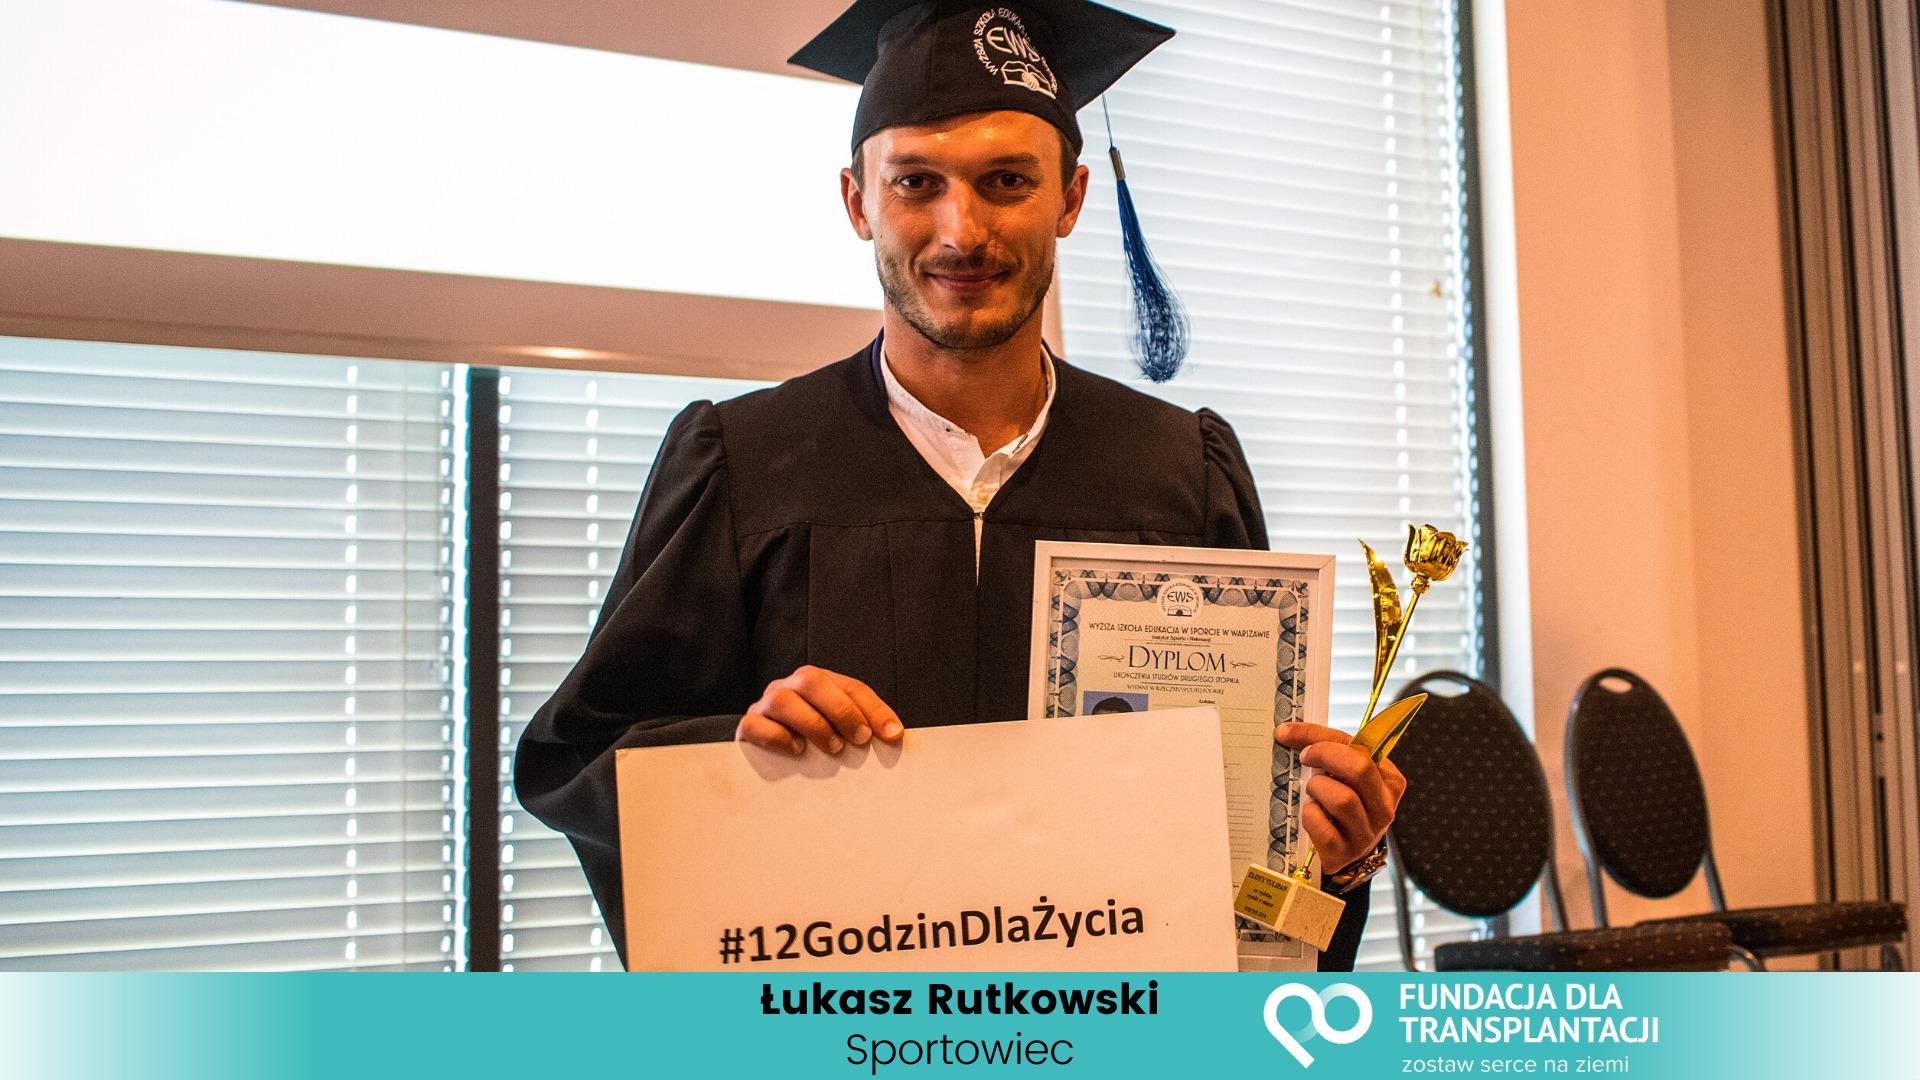 Łukasz Rutkowski